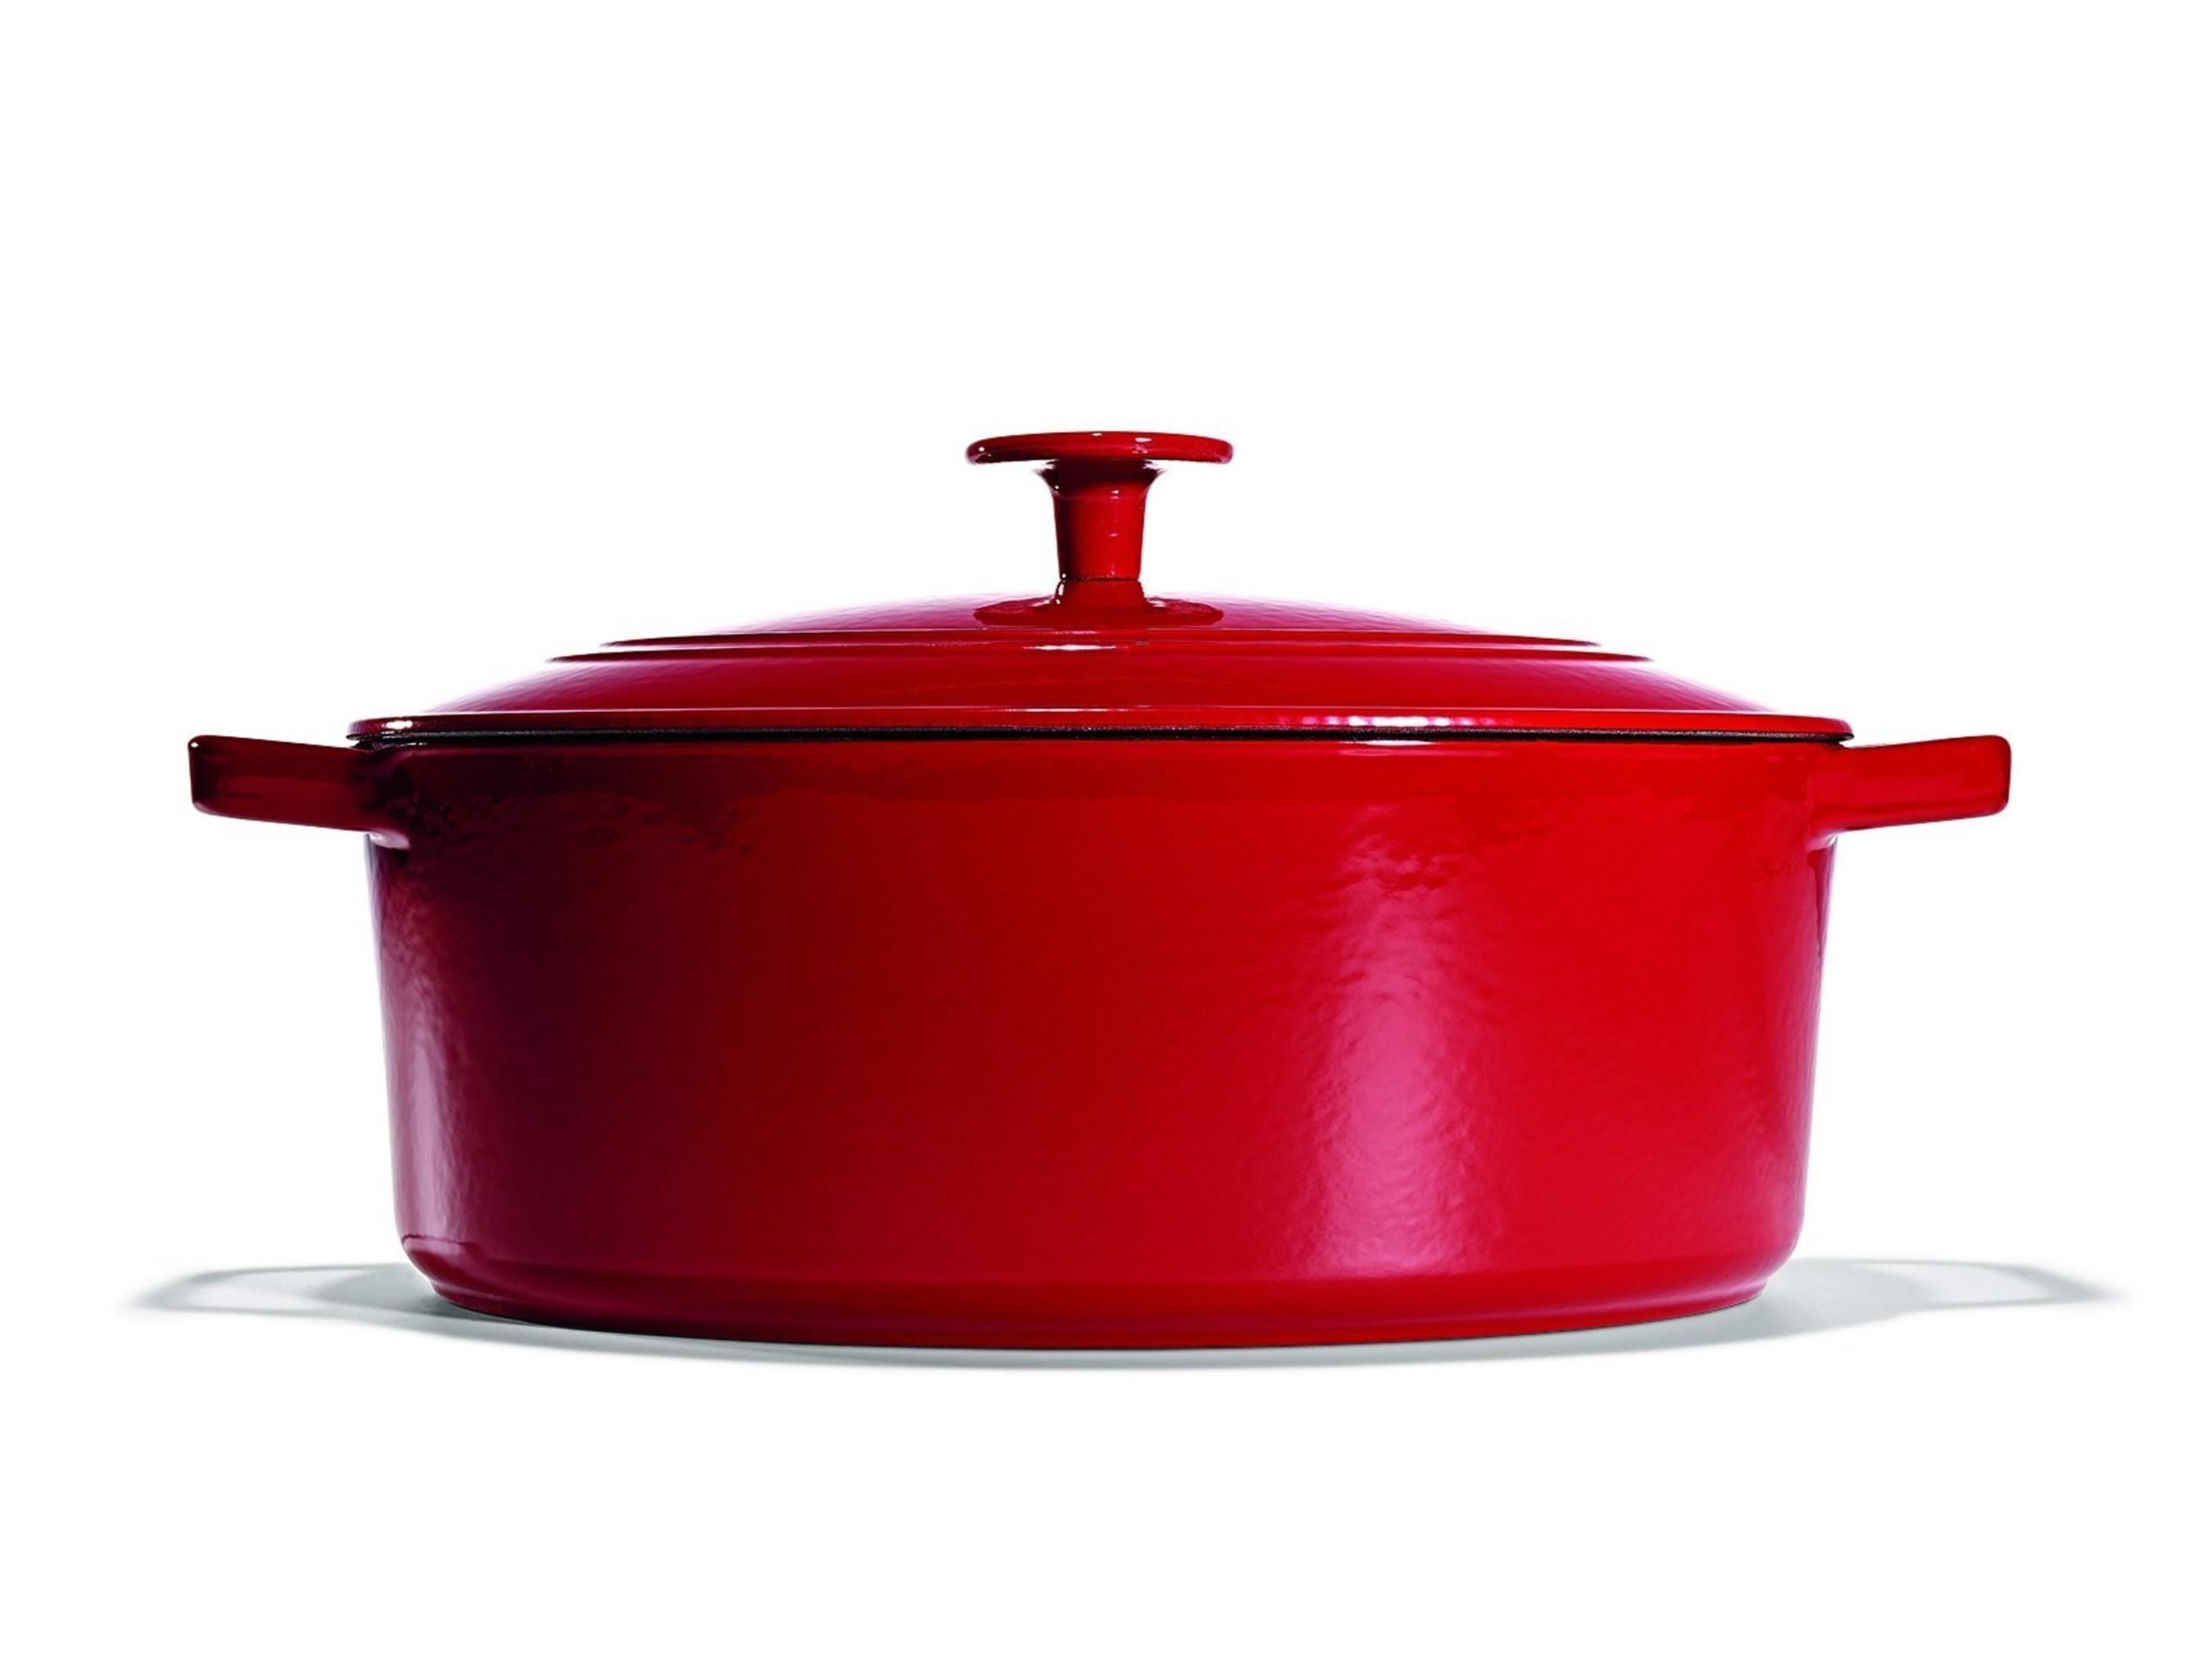 Red Pot - Marshalls